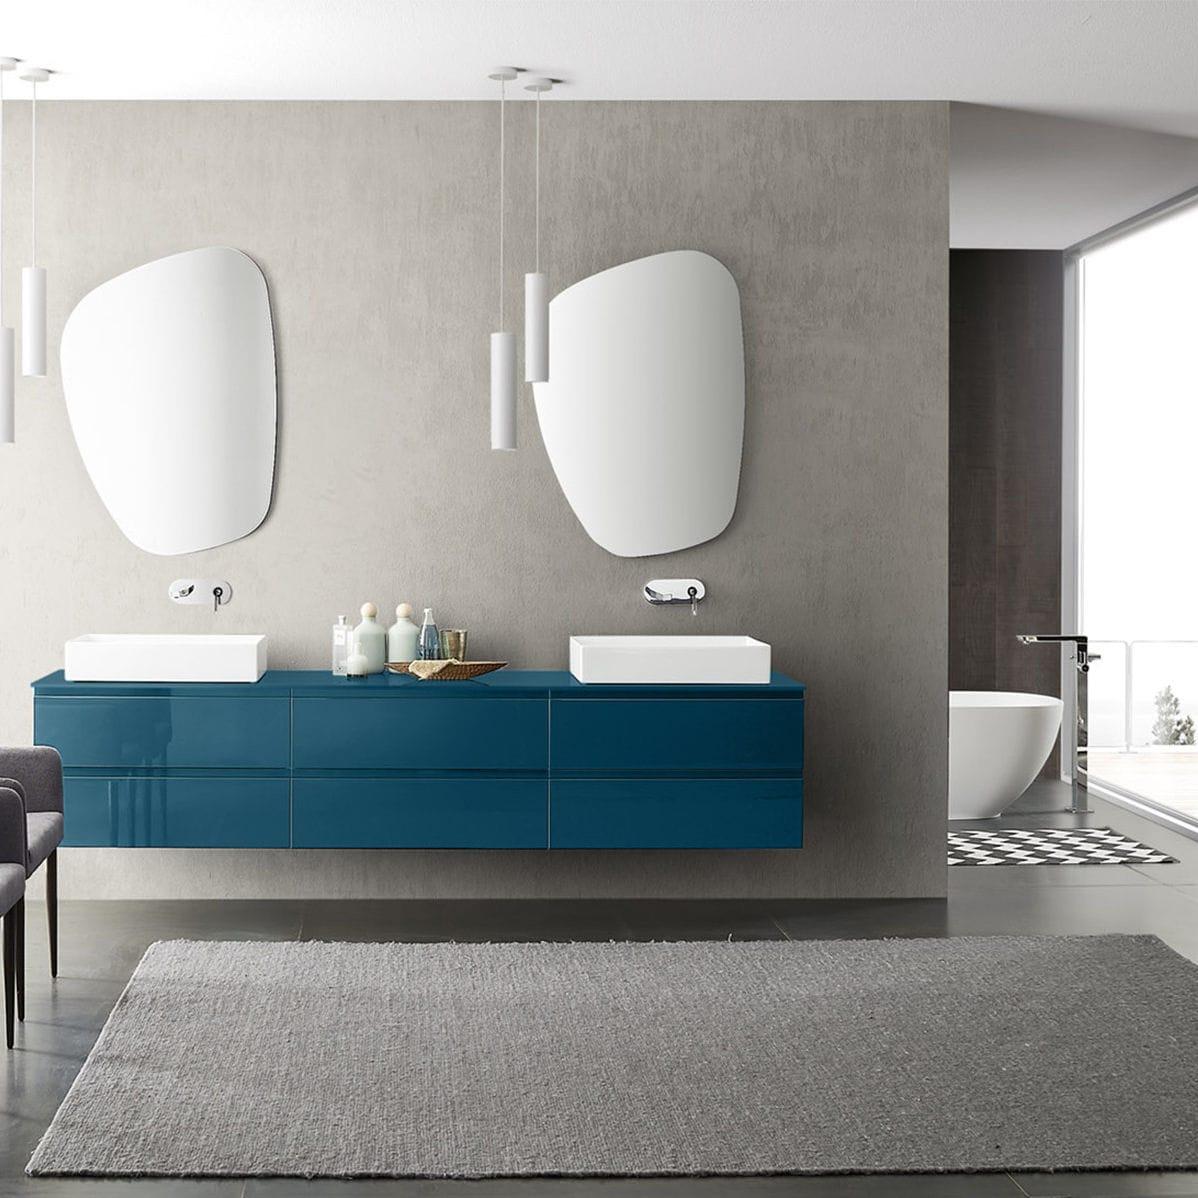 Ceramiche Arredo Bagno Moderno.Bagno Moderno In Ceramica In Legno In Melamminico